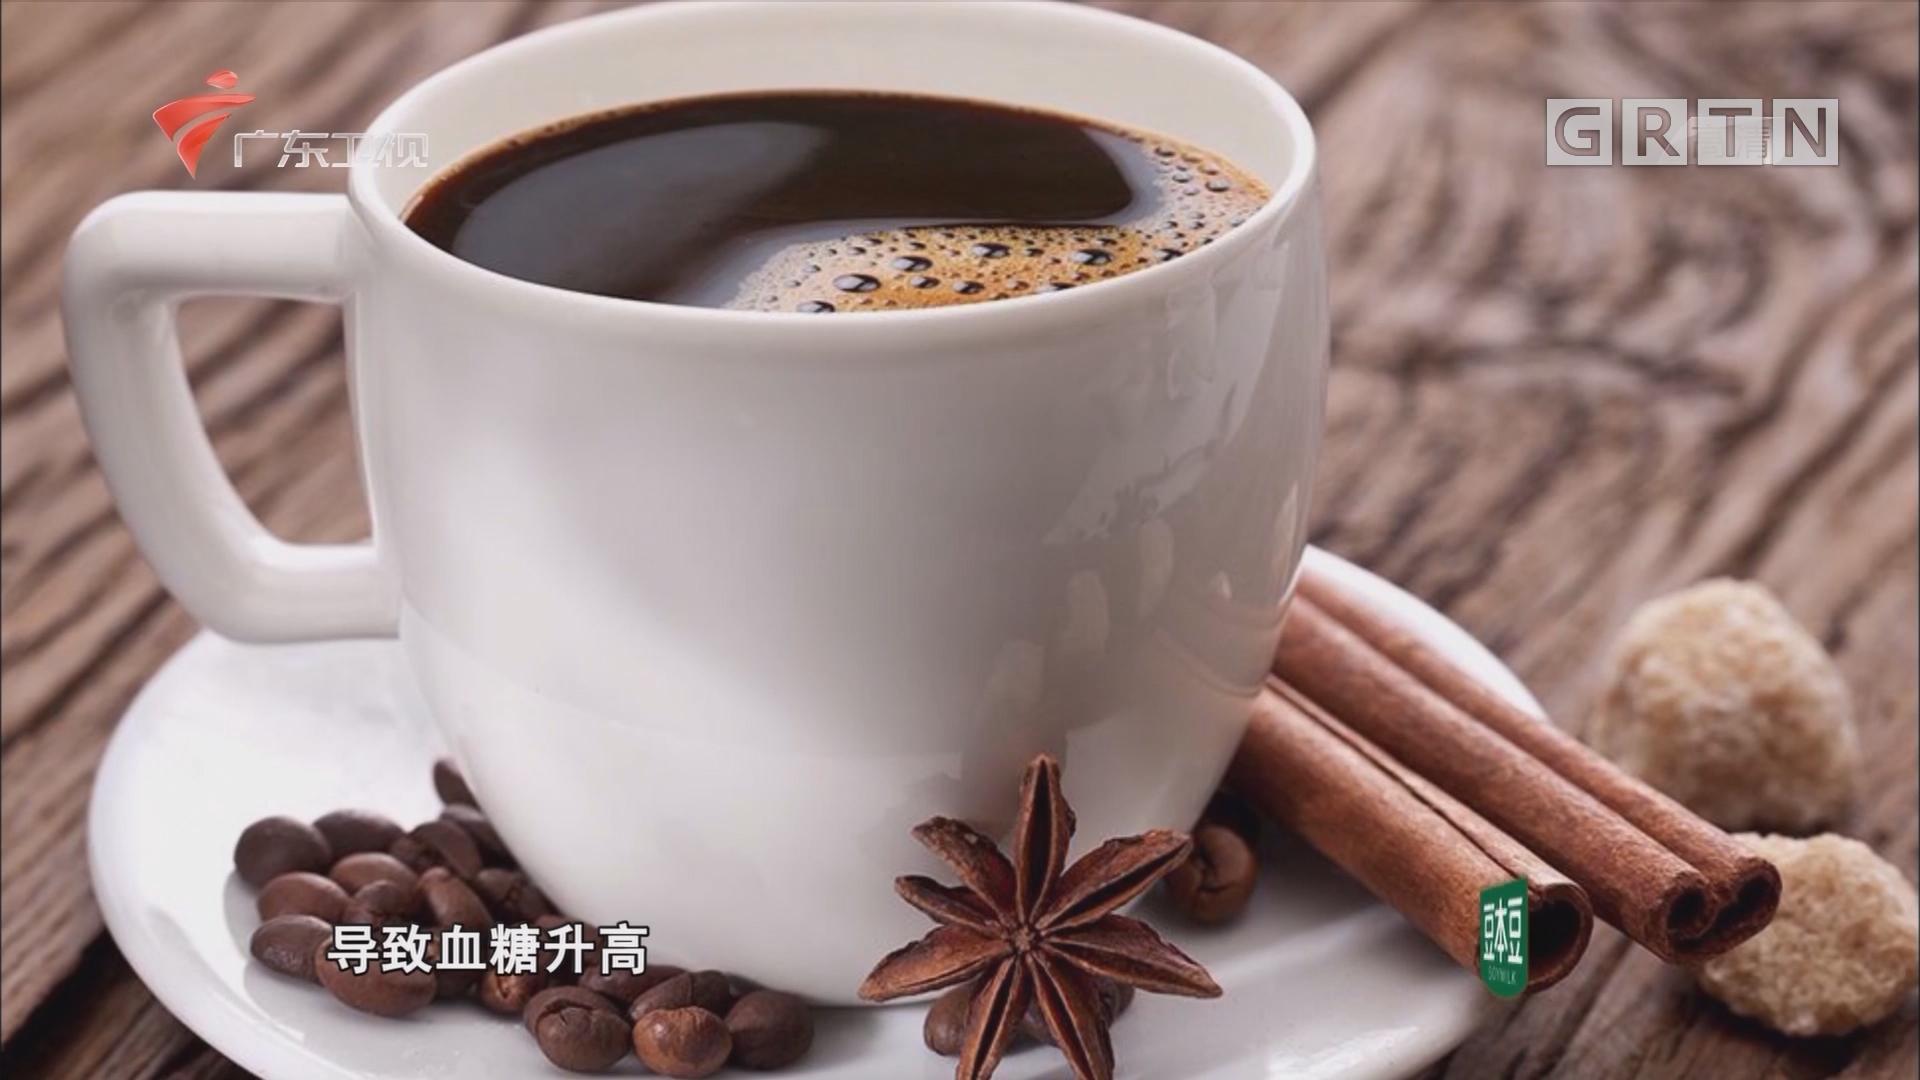 喝咖啡的功效和注意事项